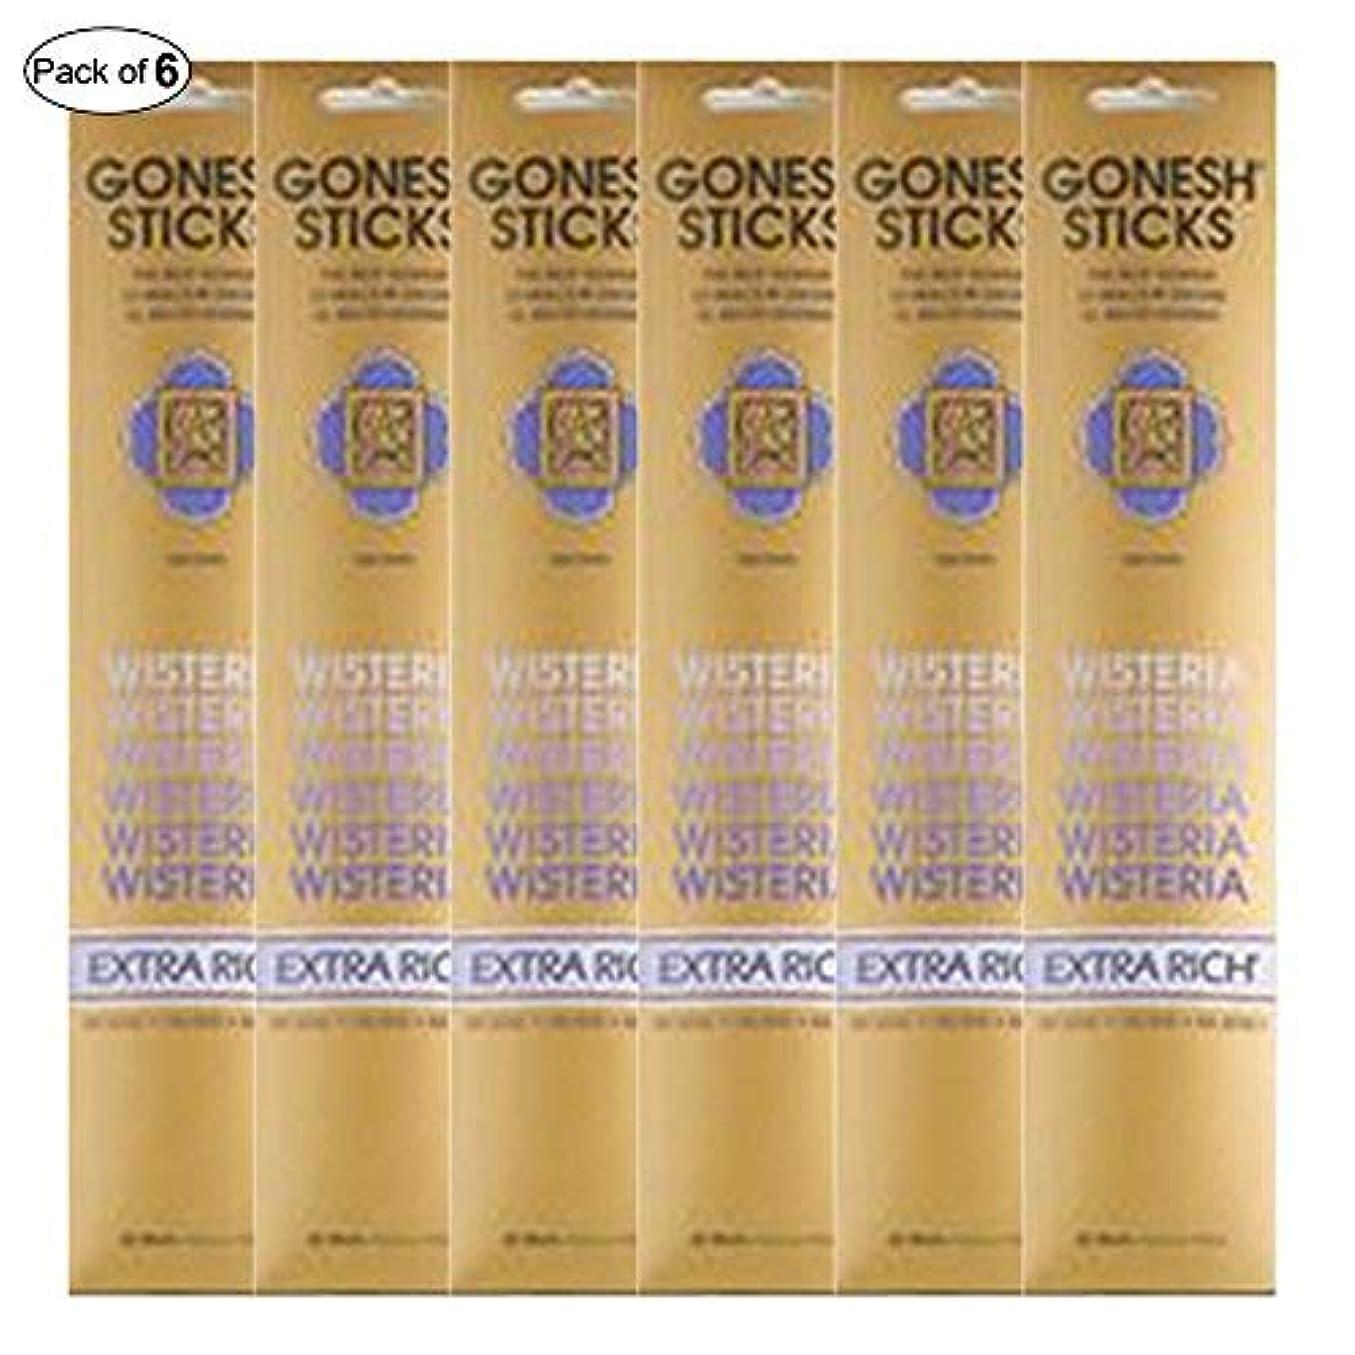 聴く告発句Gonesh Incense Extra rich- Wisteria ( 20 Sticks in 1パック) (パックof 6 )